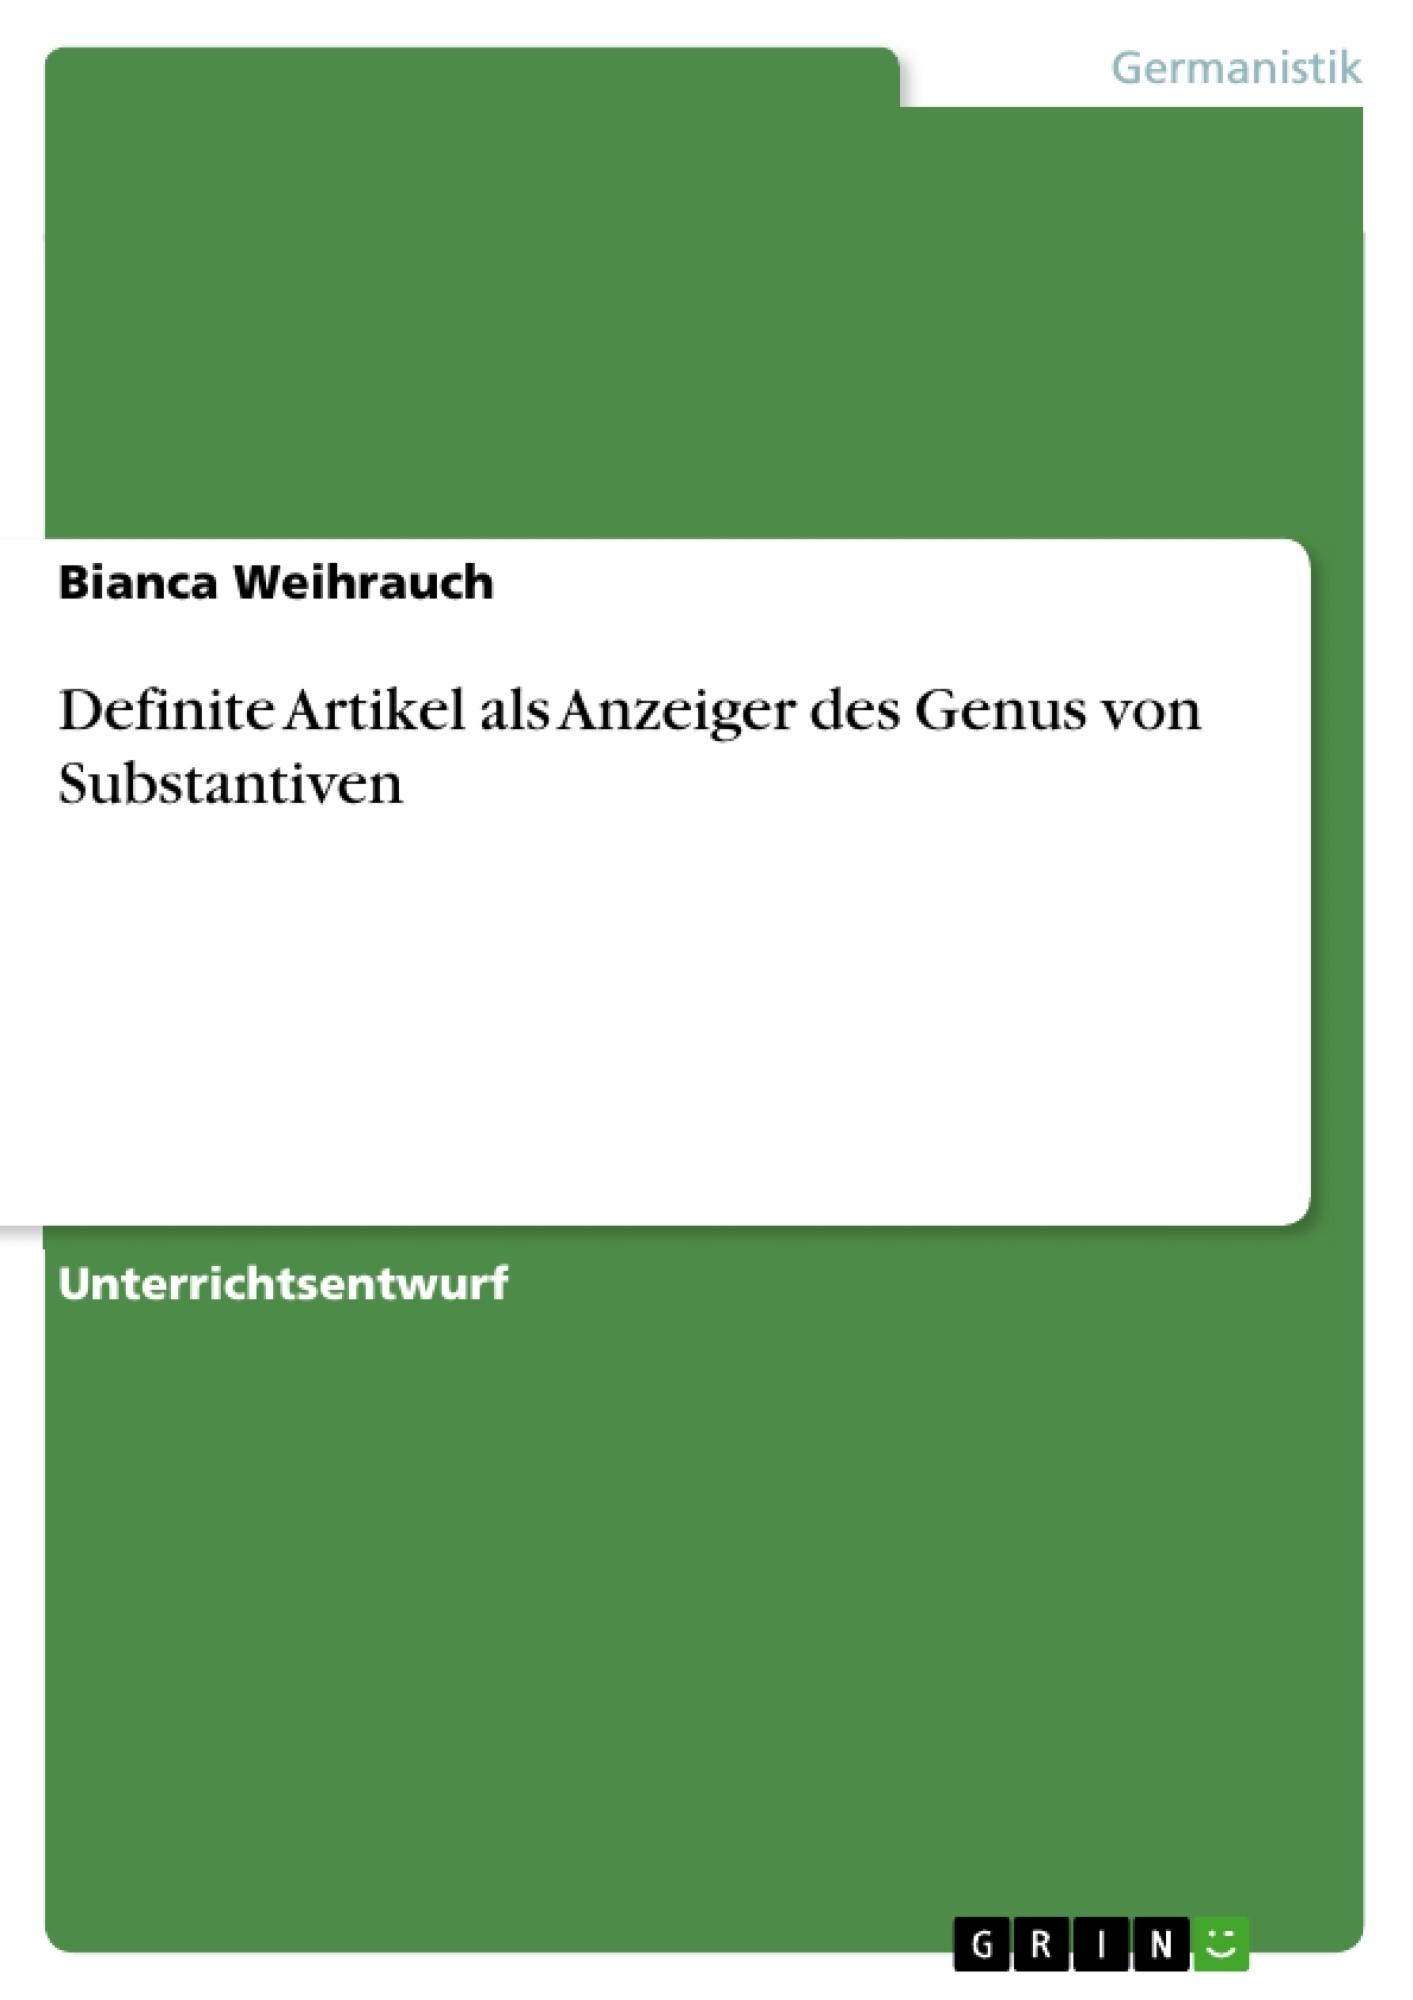 Definite Artikel als Anzeiger des Genus von Substantiven ...